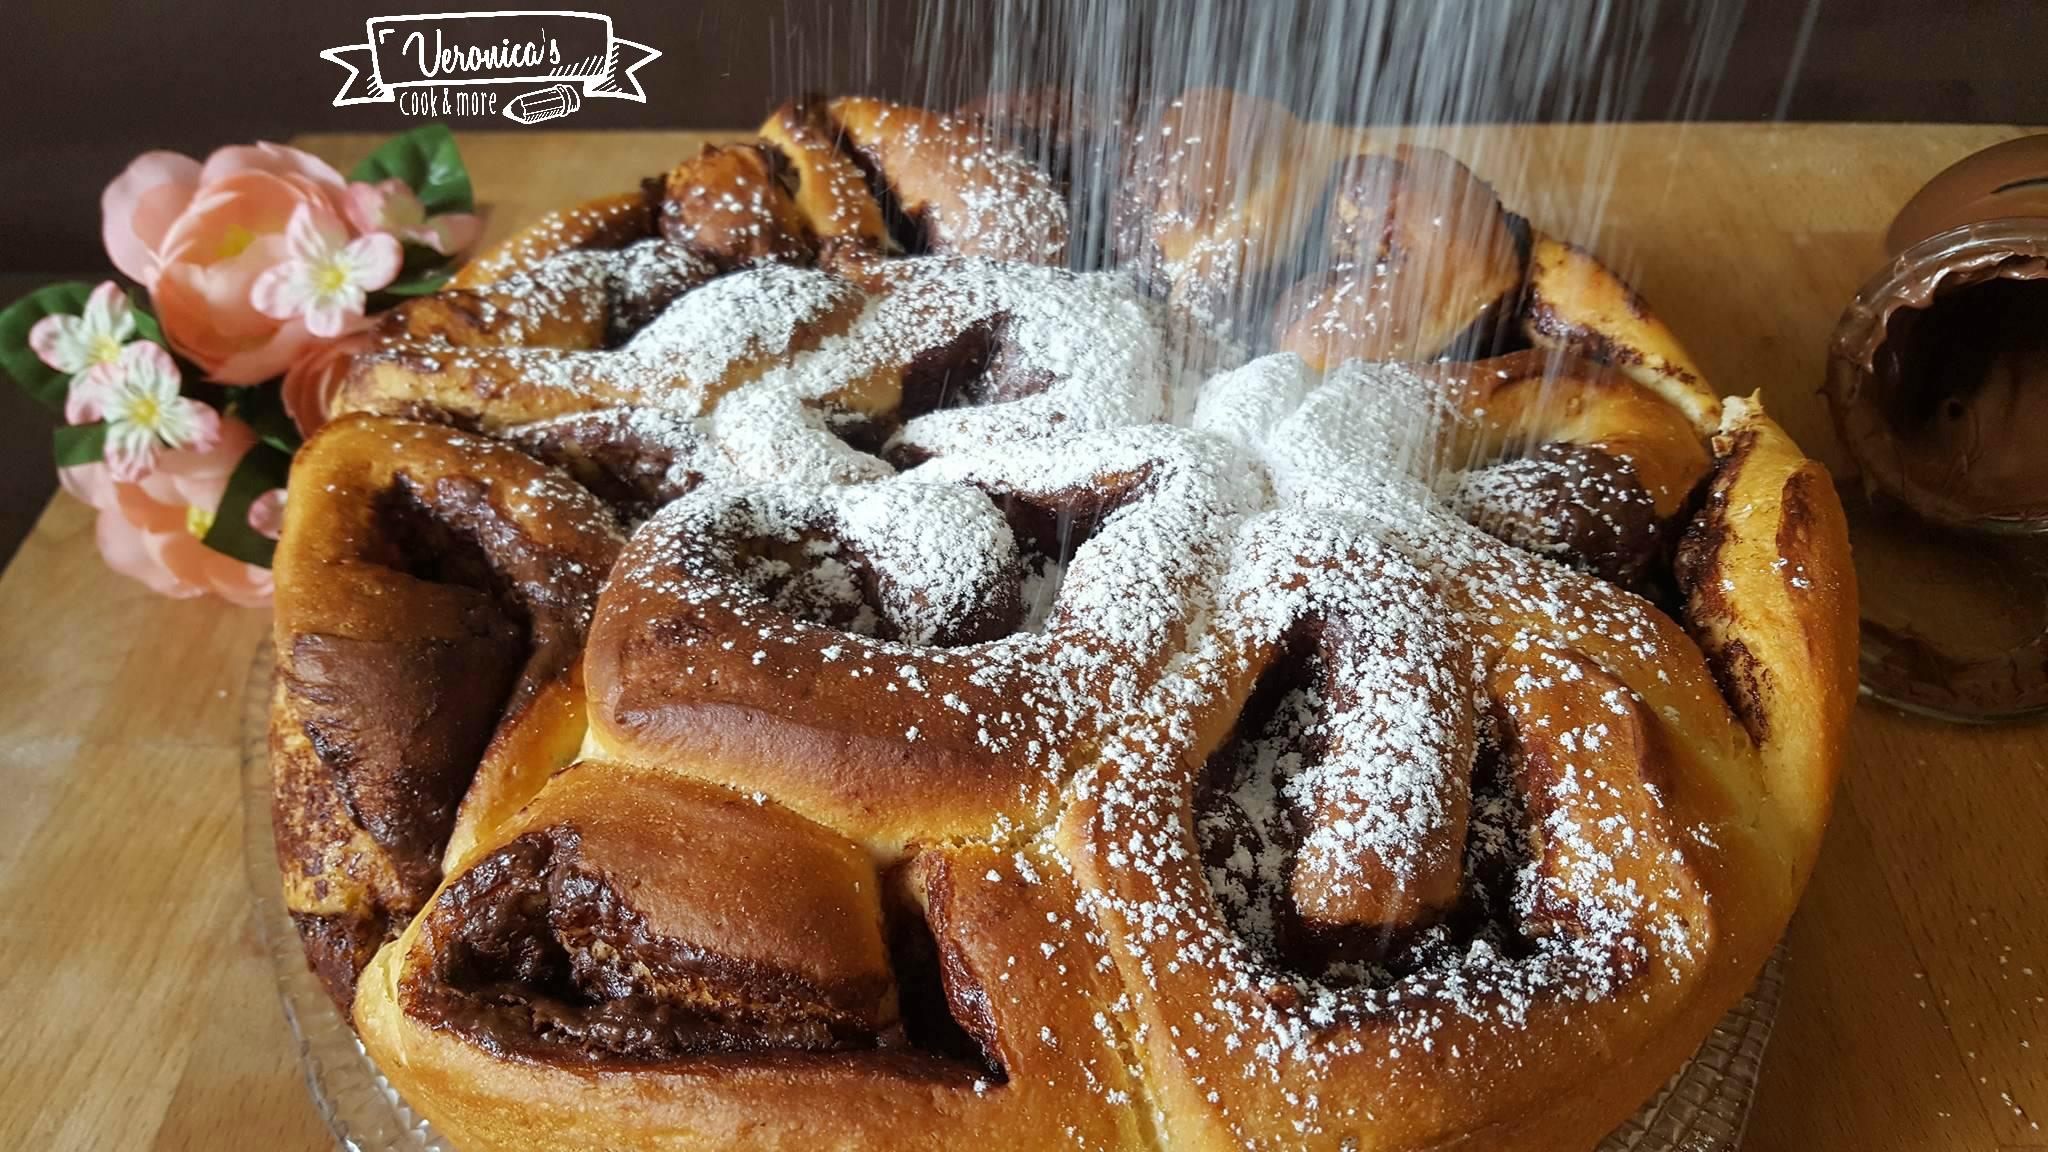 BRIOCHE TORTA DI ROSE ALLA NUTELLA